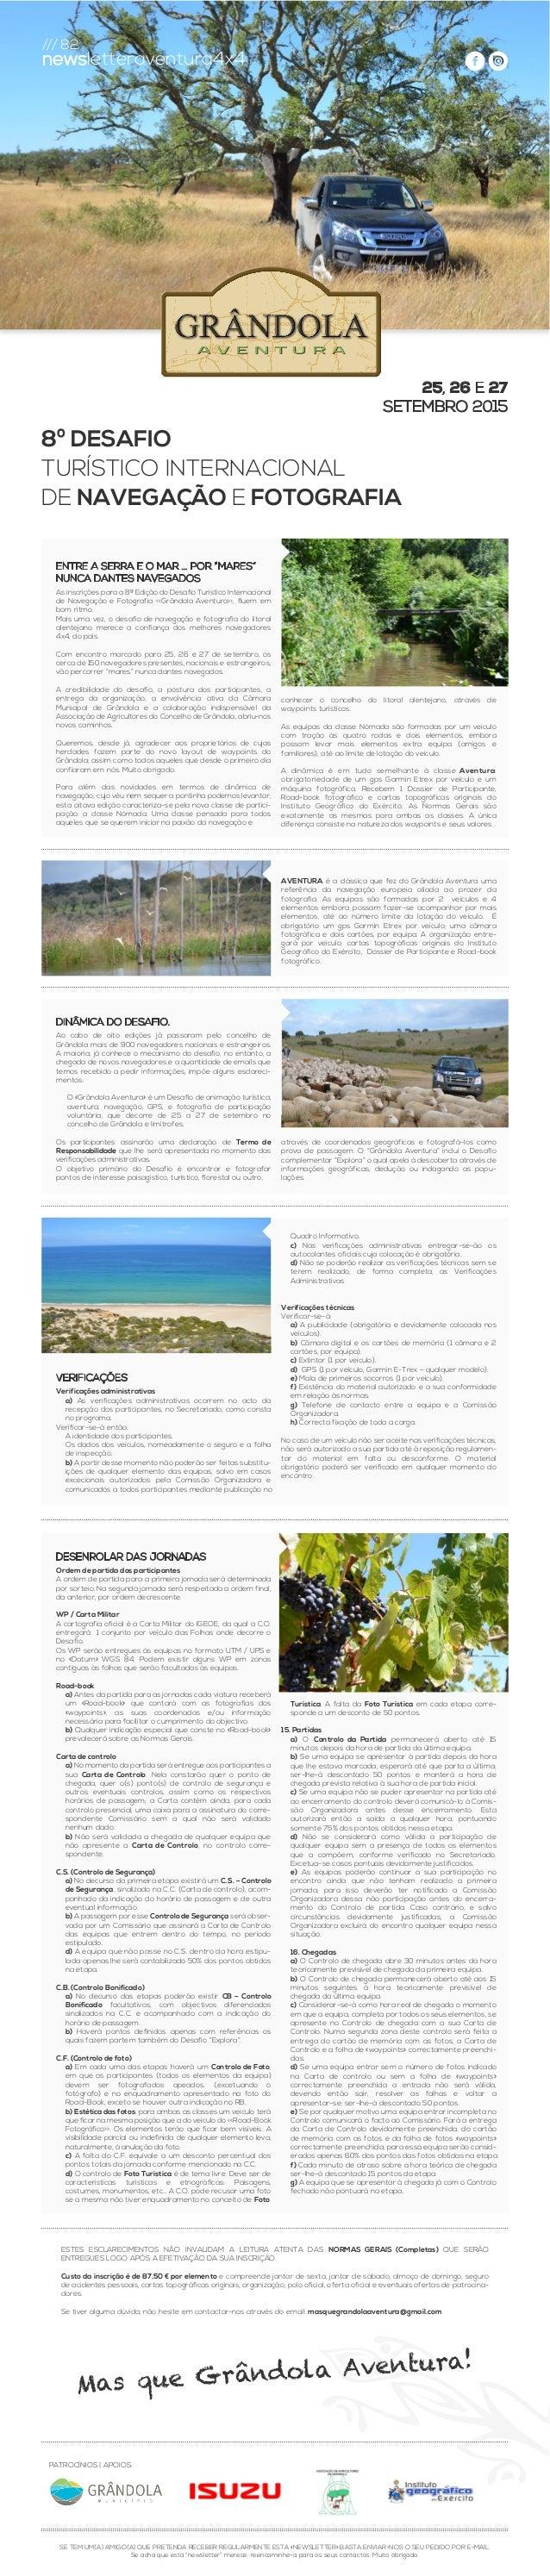 PATROCÍNIOS | APOIOS: 8º DESAFIO TURÍSTICO INTERNACIONAL DE NAVEGAÇÃO E FOTOGRAFIA 25, 26 E 27 SETEMBRO 2015 AVENTURA é a ...